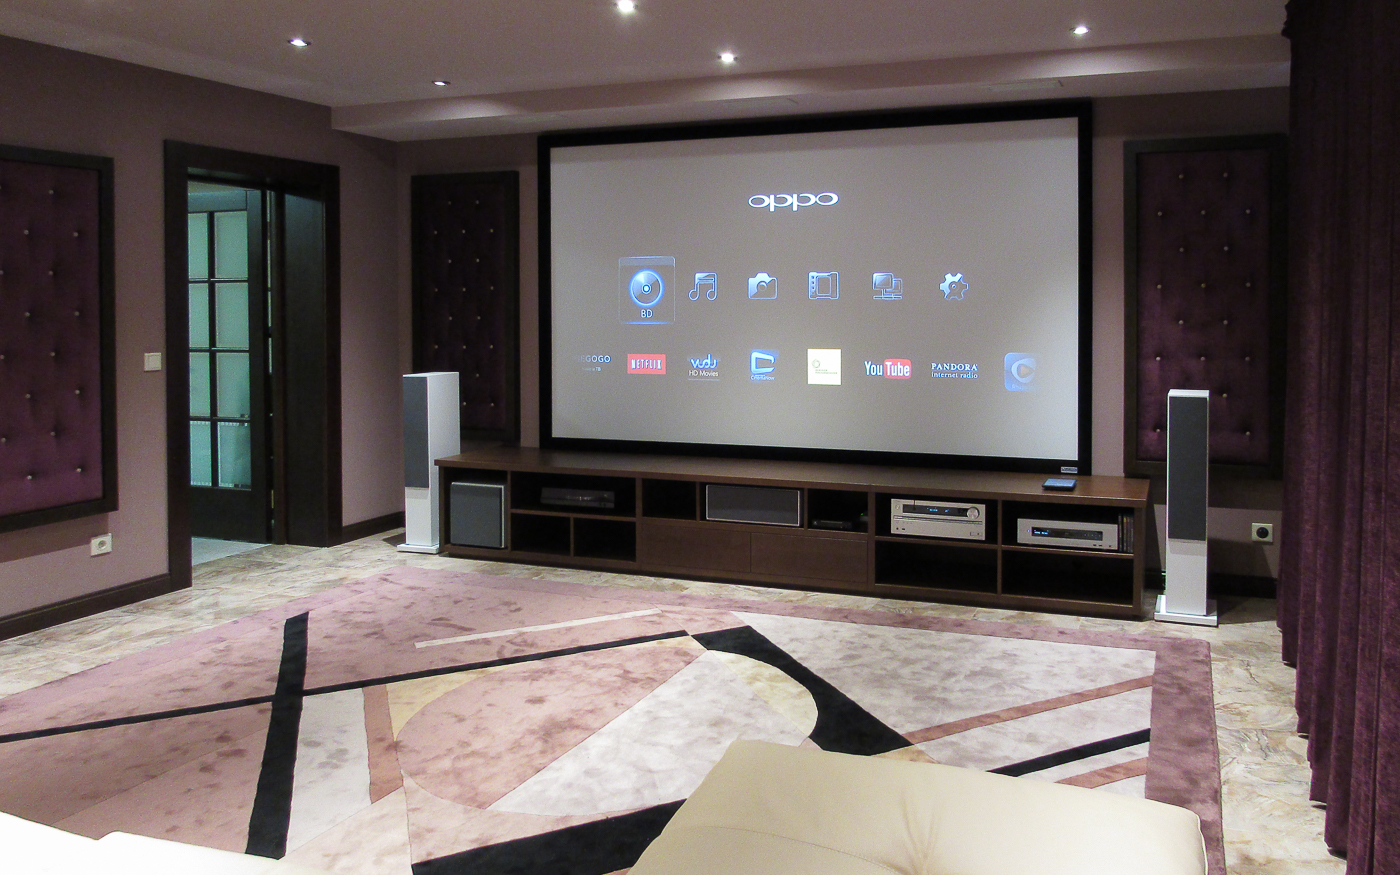 Домашний кинотеатр с проектором JVC И экраном Vutec в коттедже